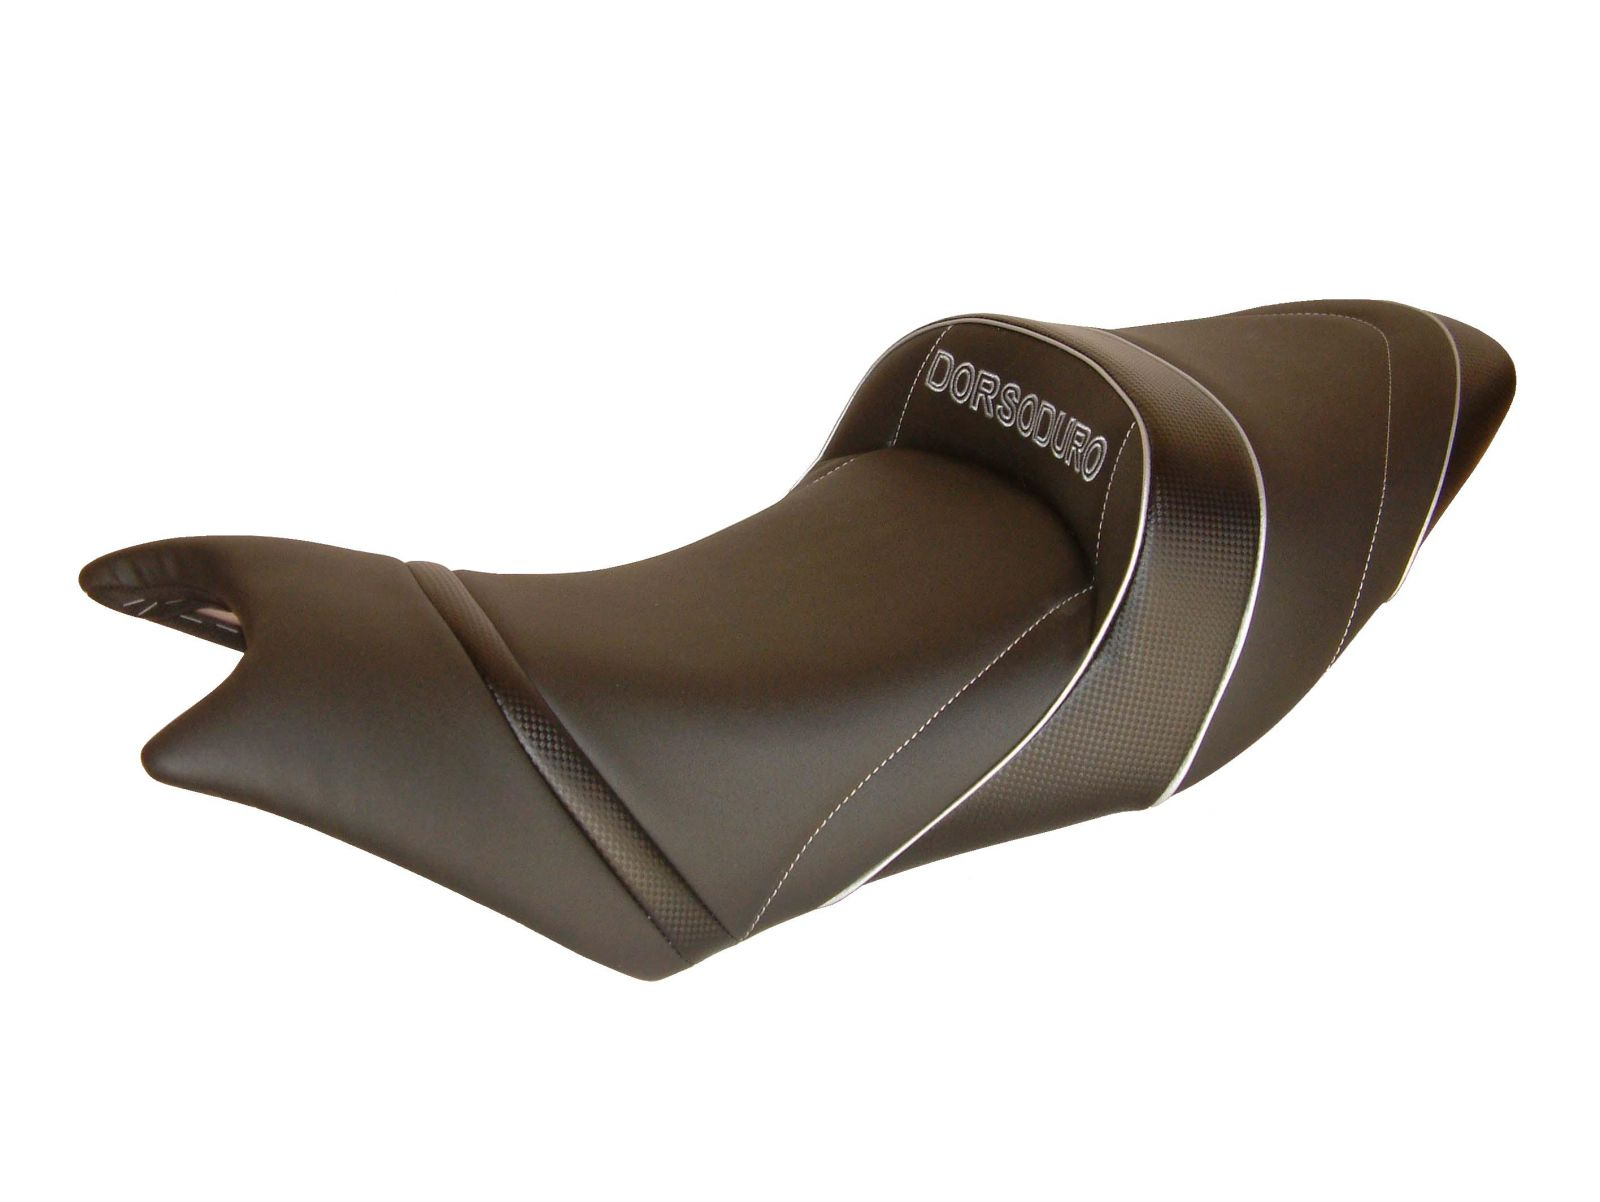 Deluxe Seat Sgc3451 Aprilia Dorsoduro 750 Gt 2009